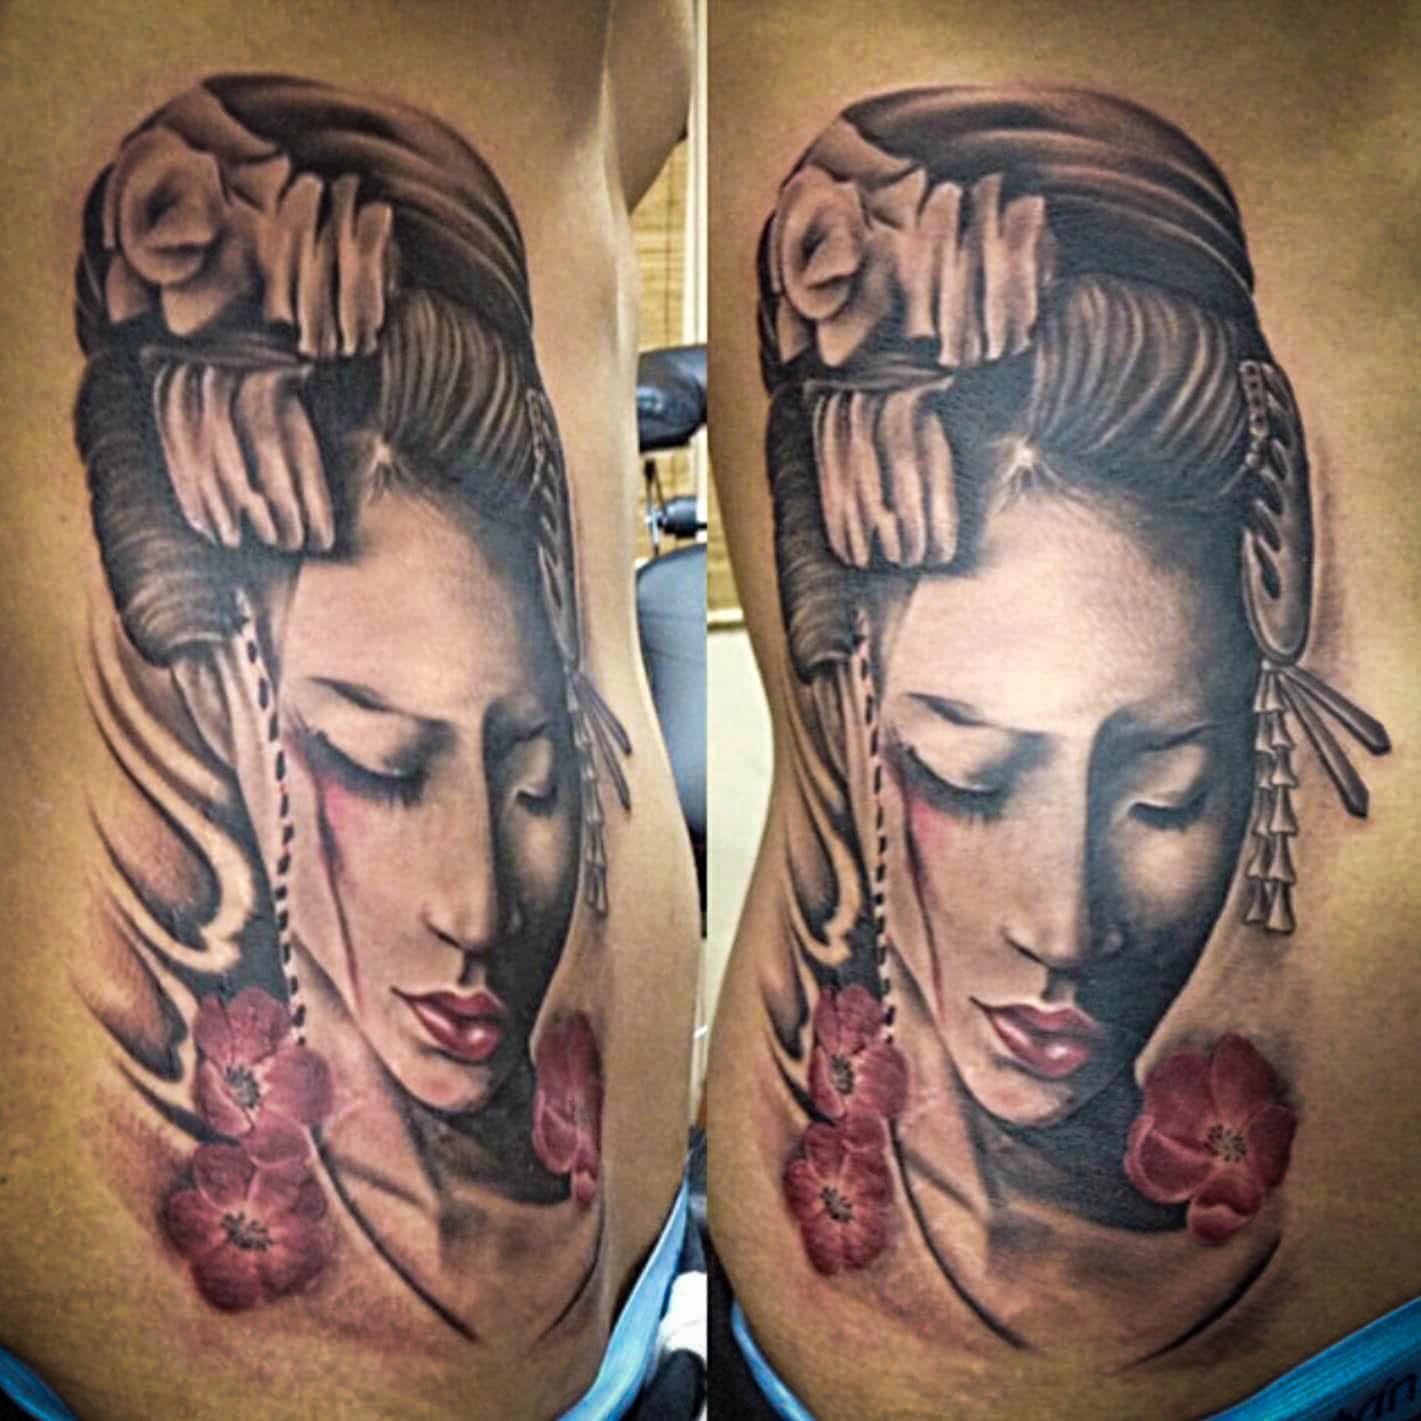 Q Tattoo in Huntington Beach - Quan - lady goddess